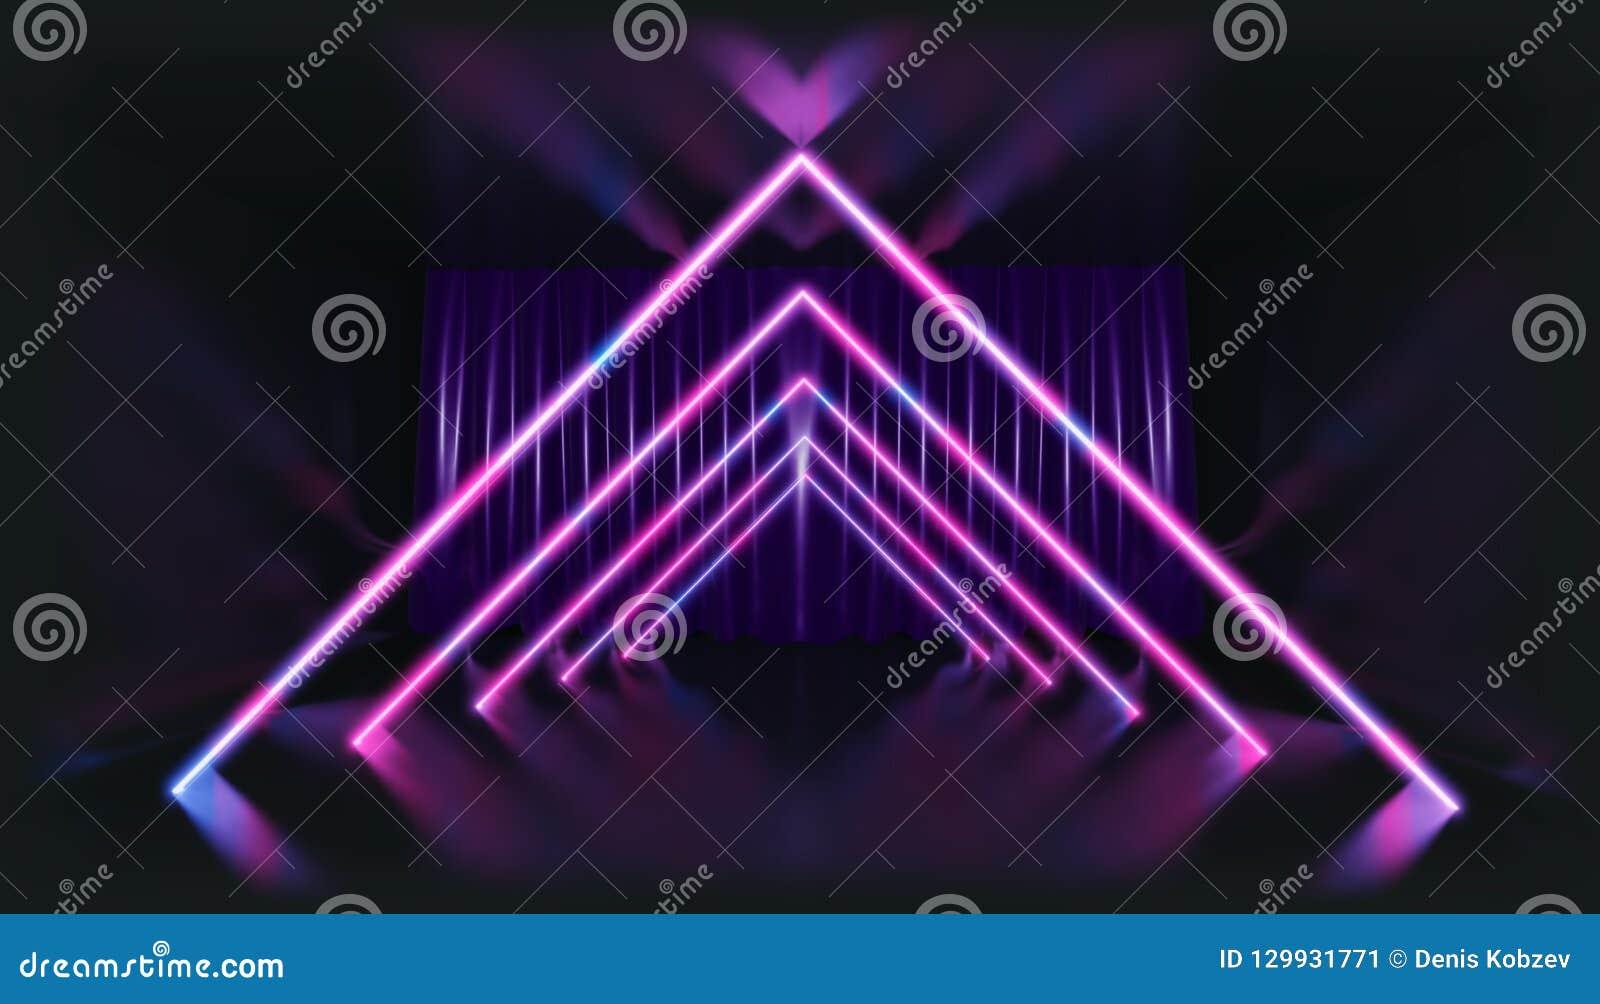 Representación 3d Figura geométrica en la luz de neón contra un túnel oscuro Resplandor del laser